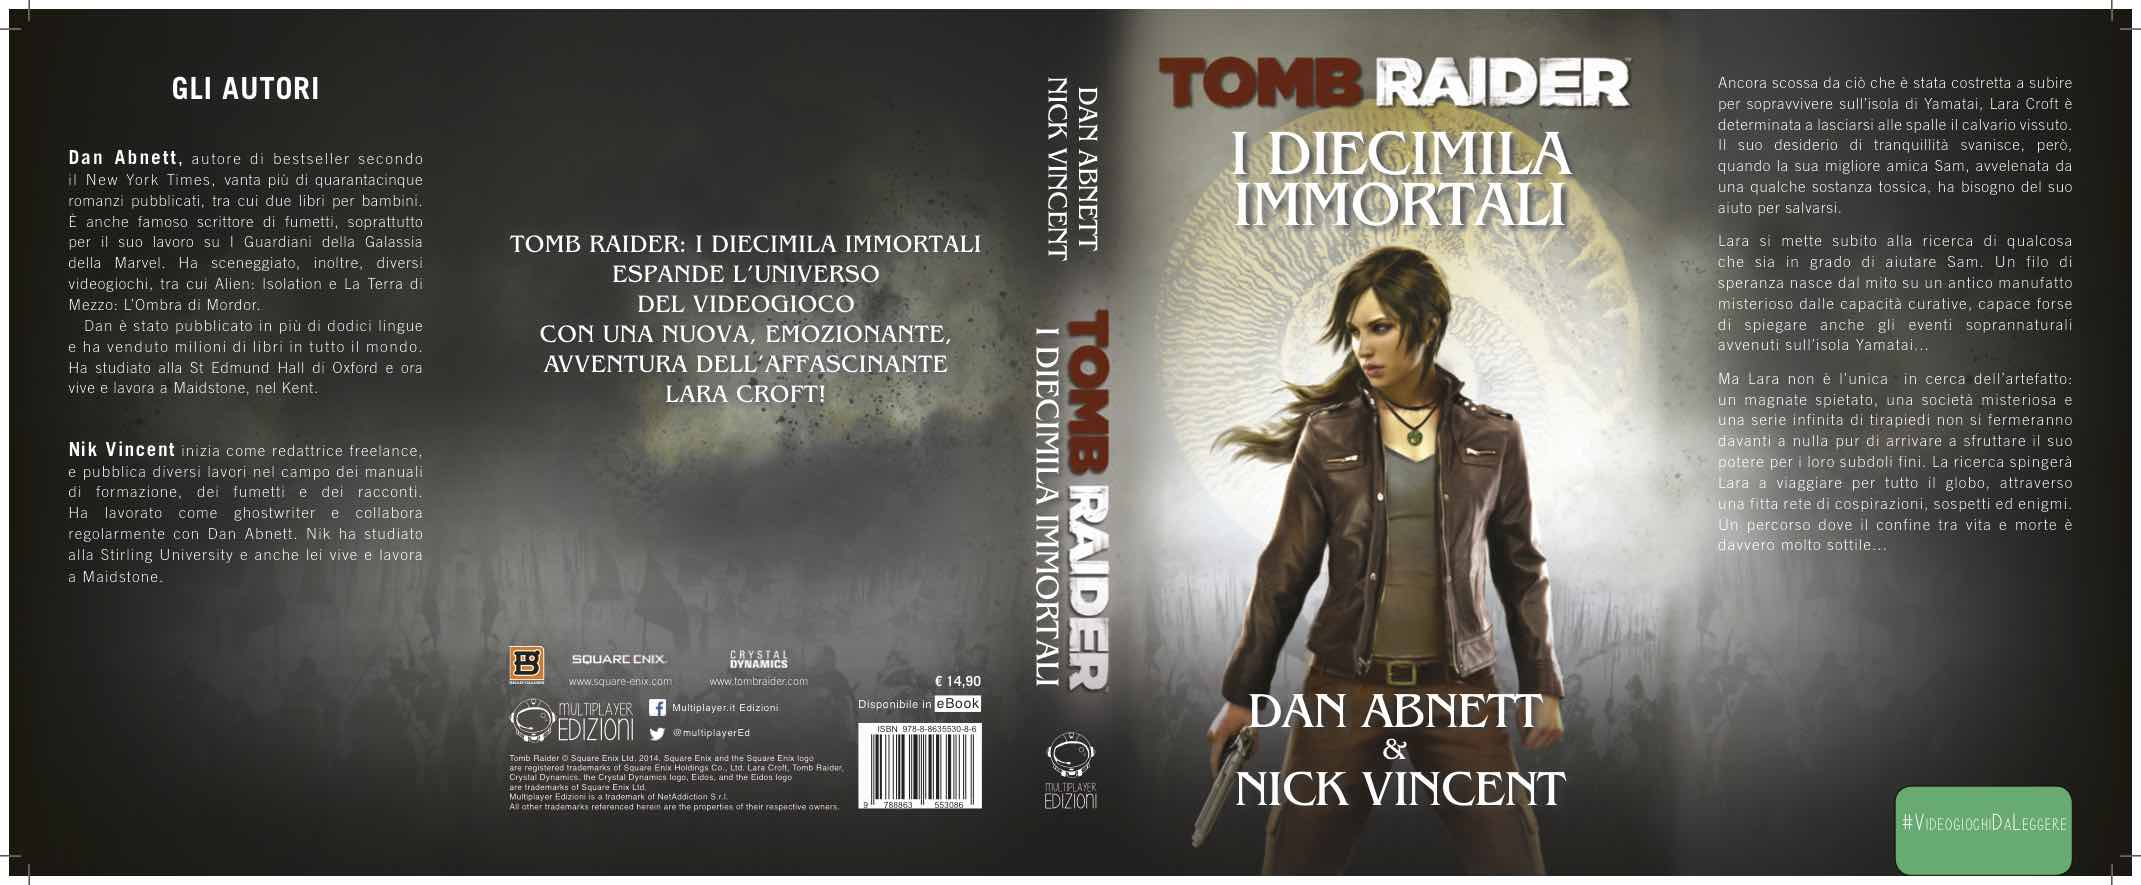 tombraider-10000immortali-copertina